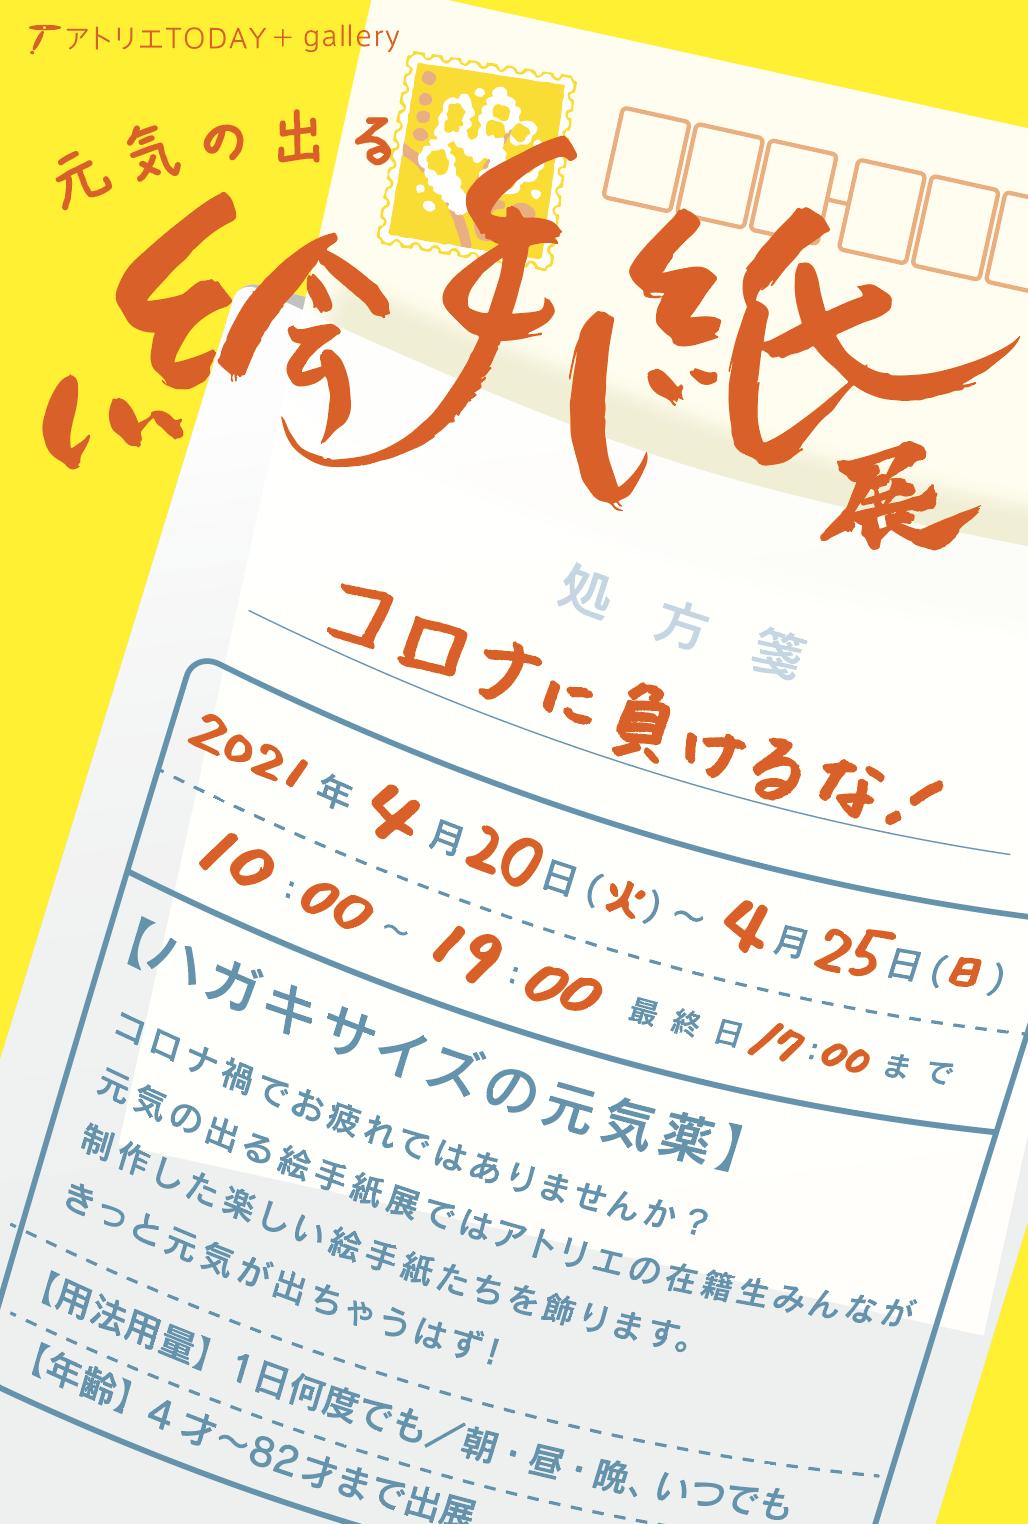 元気の出る絵手紙展 2021/4/20〜4/25_b0212226_15405698.png